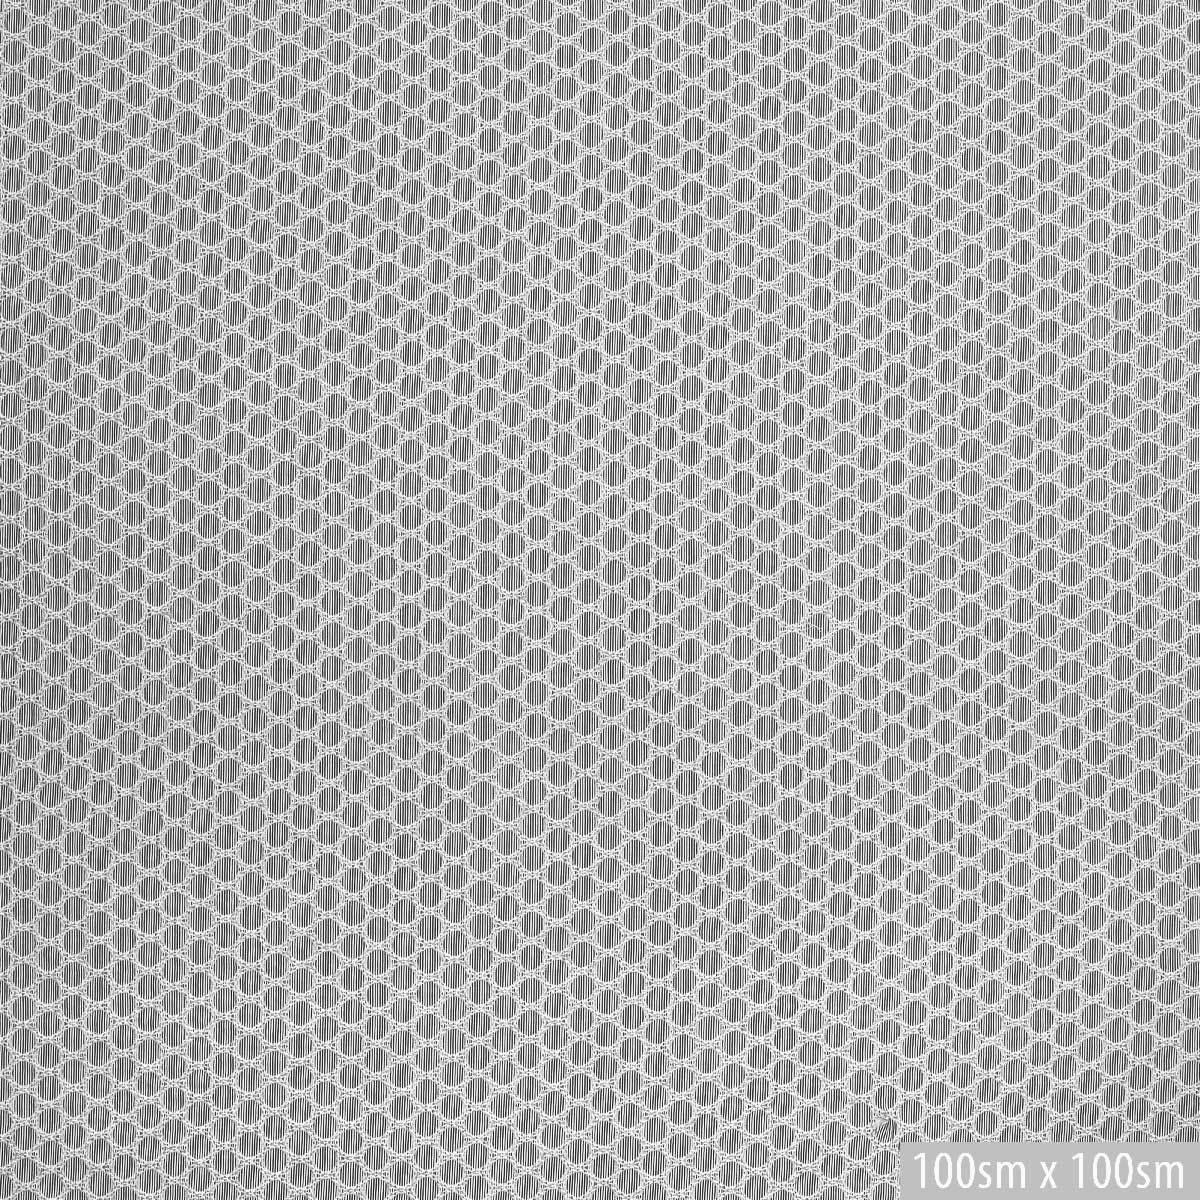 Вышитый хлопок в тонкую черно-белую полоску